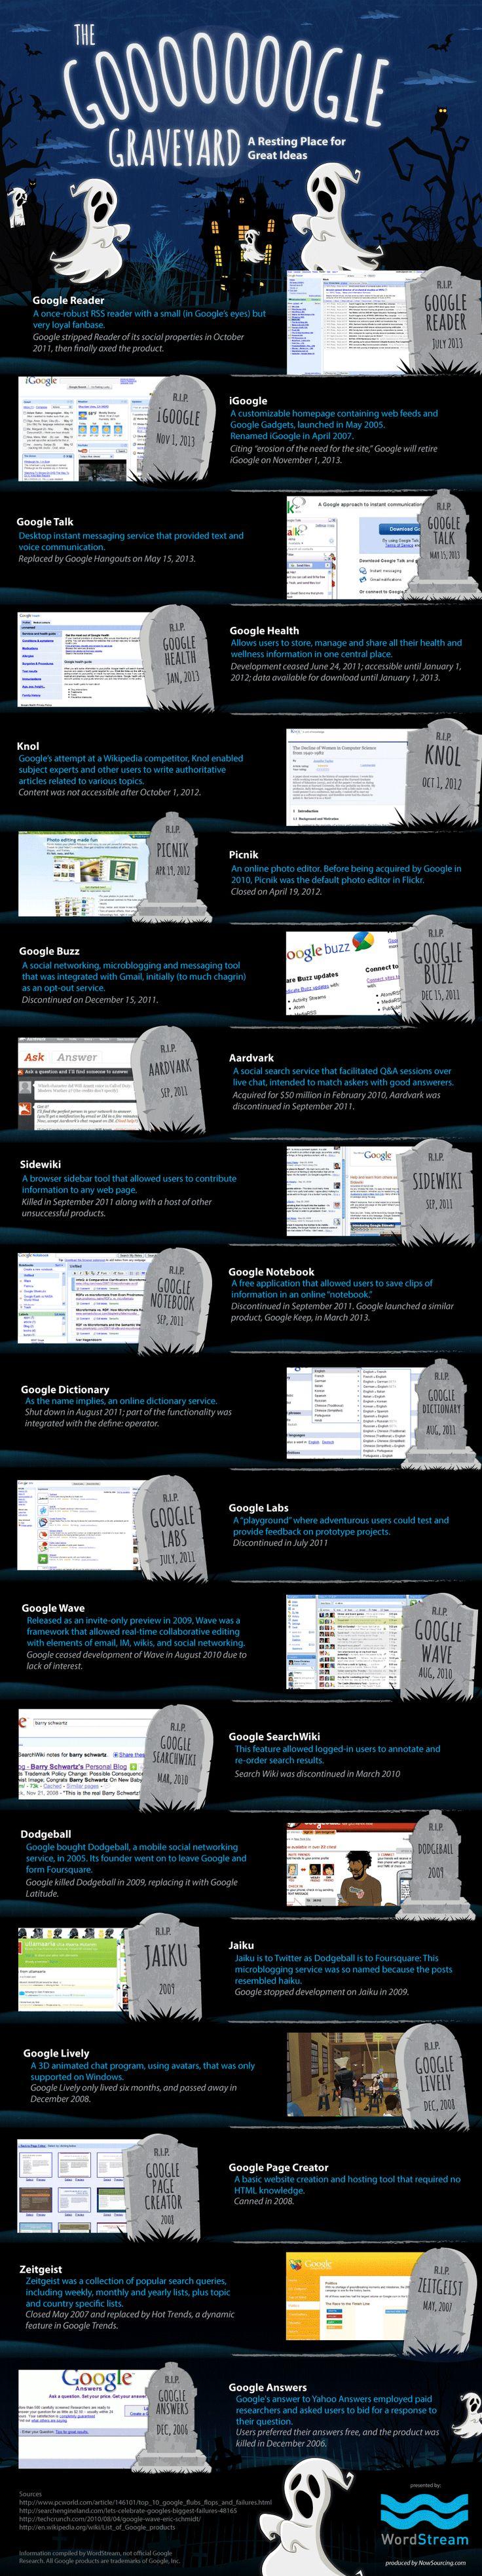 El cementerio de google